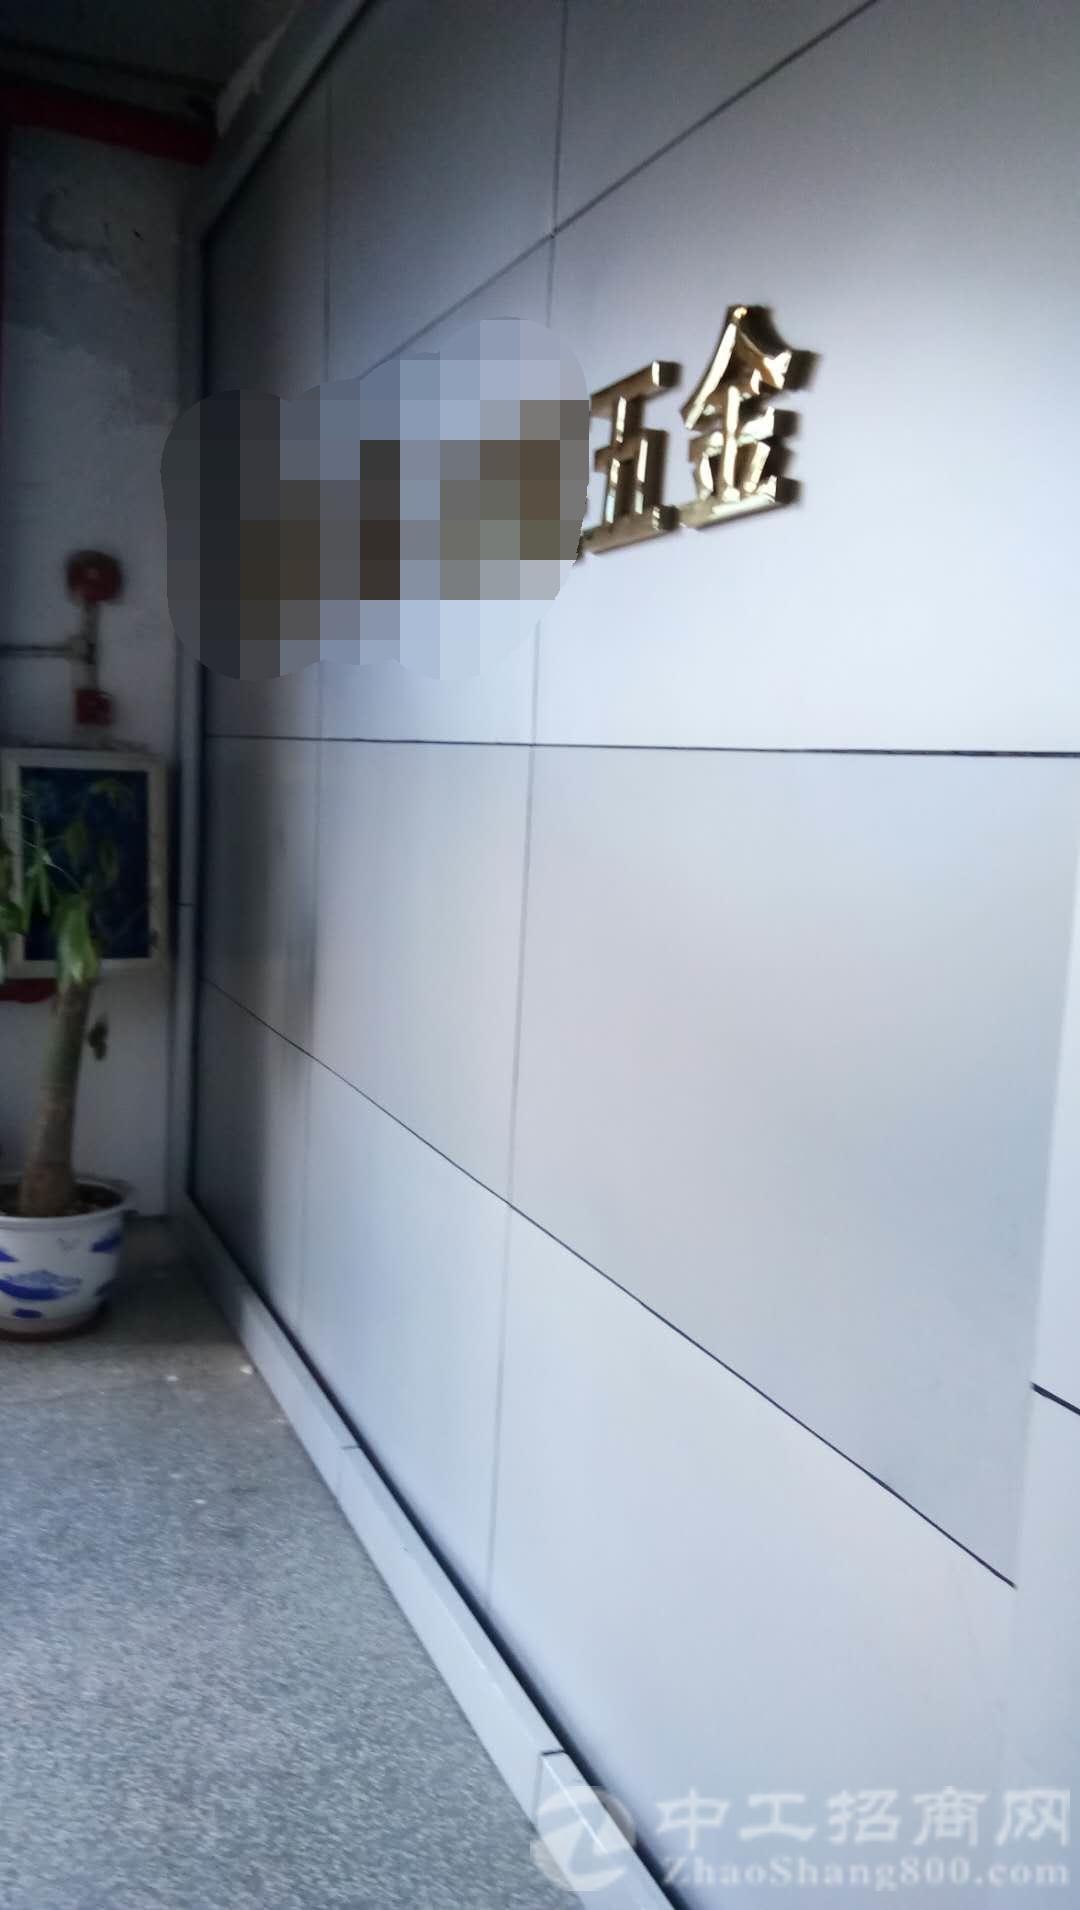 【超低价】厚街镇厚涌路厂房2楼650平12块招租,12块哦!